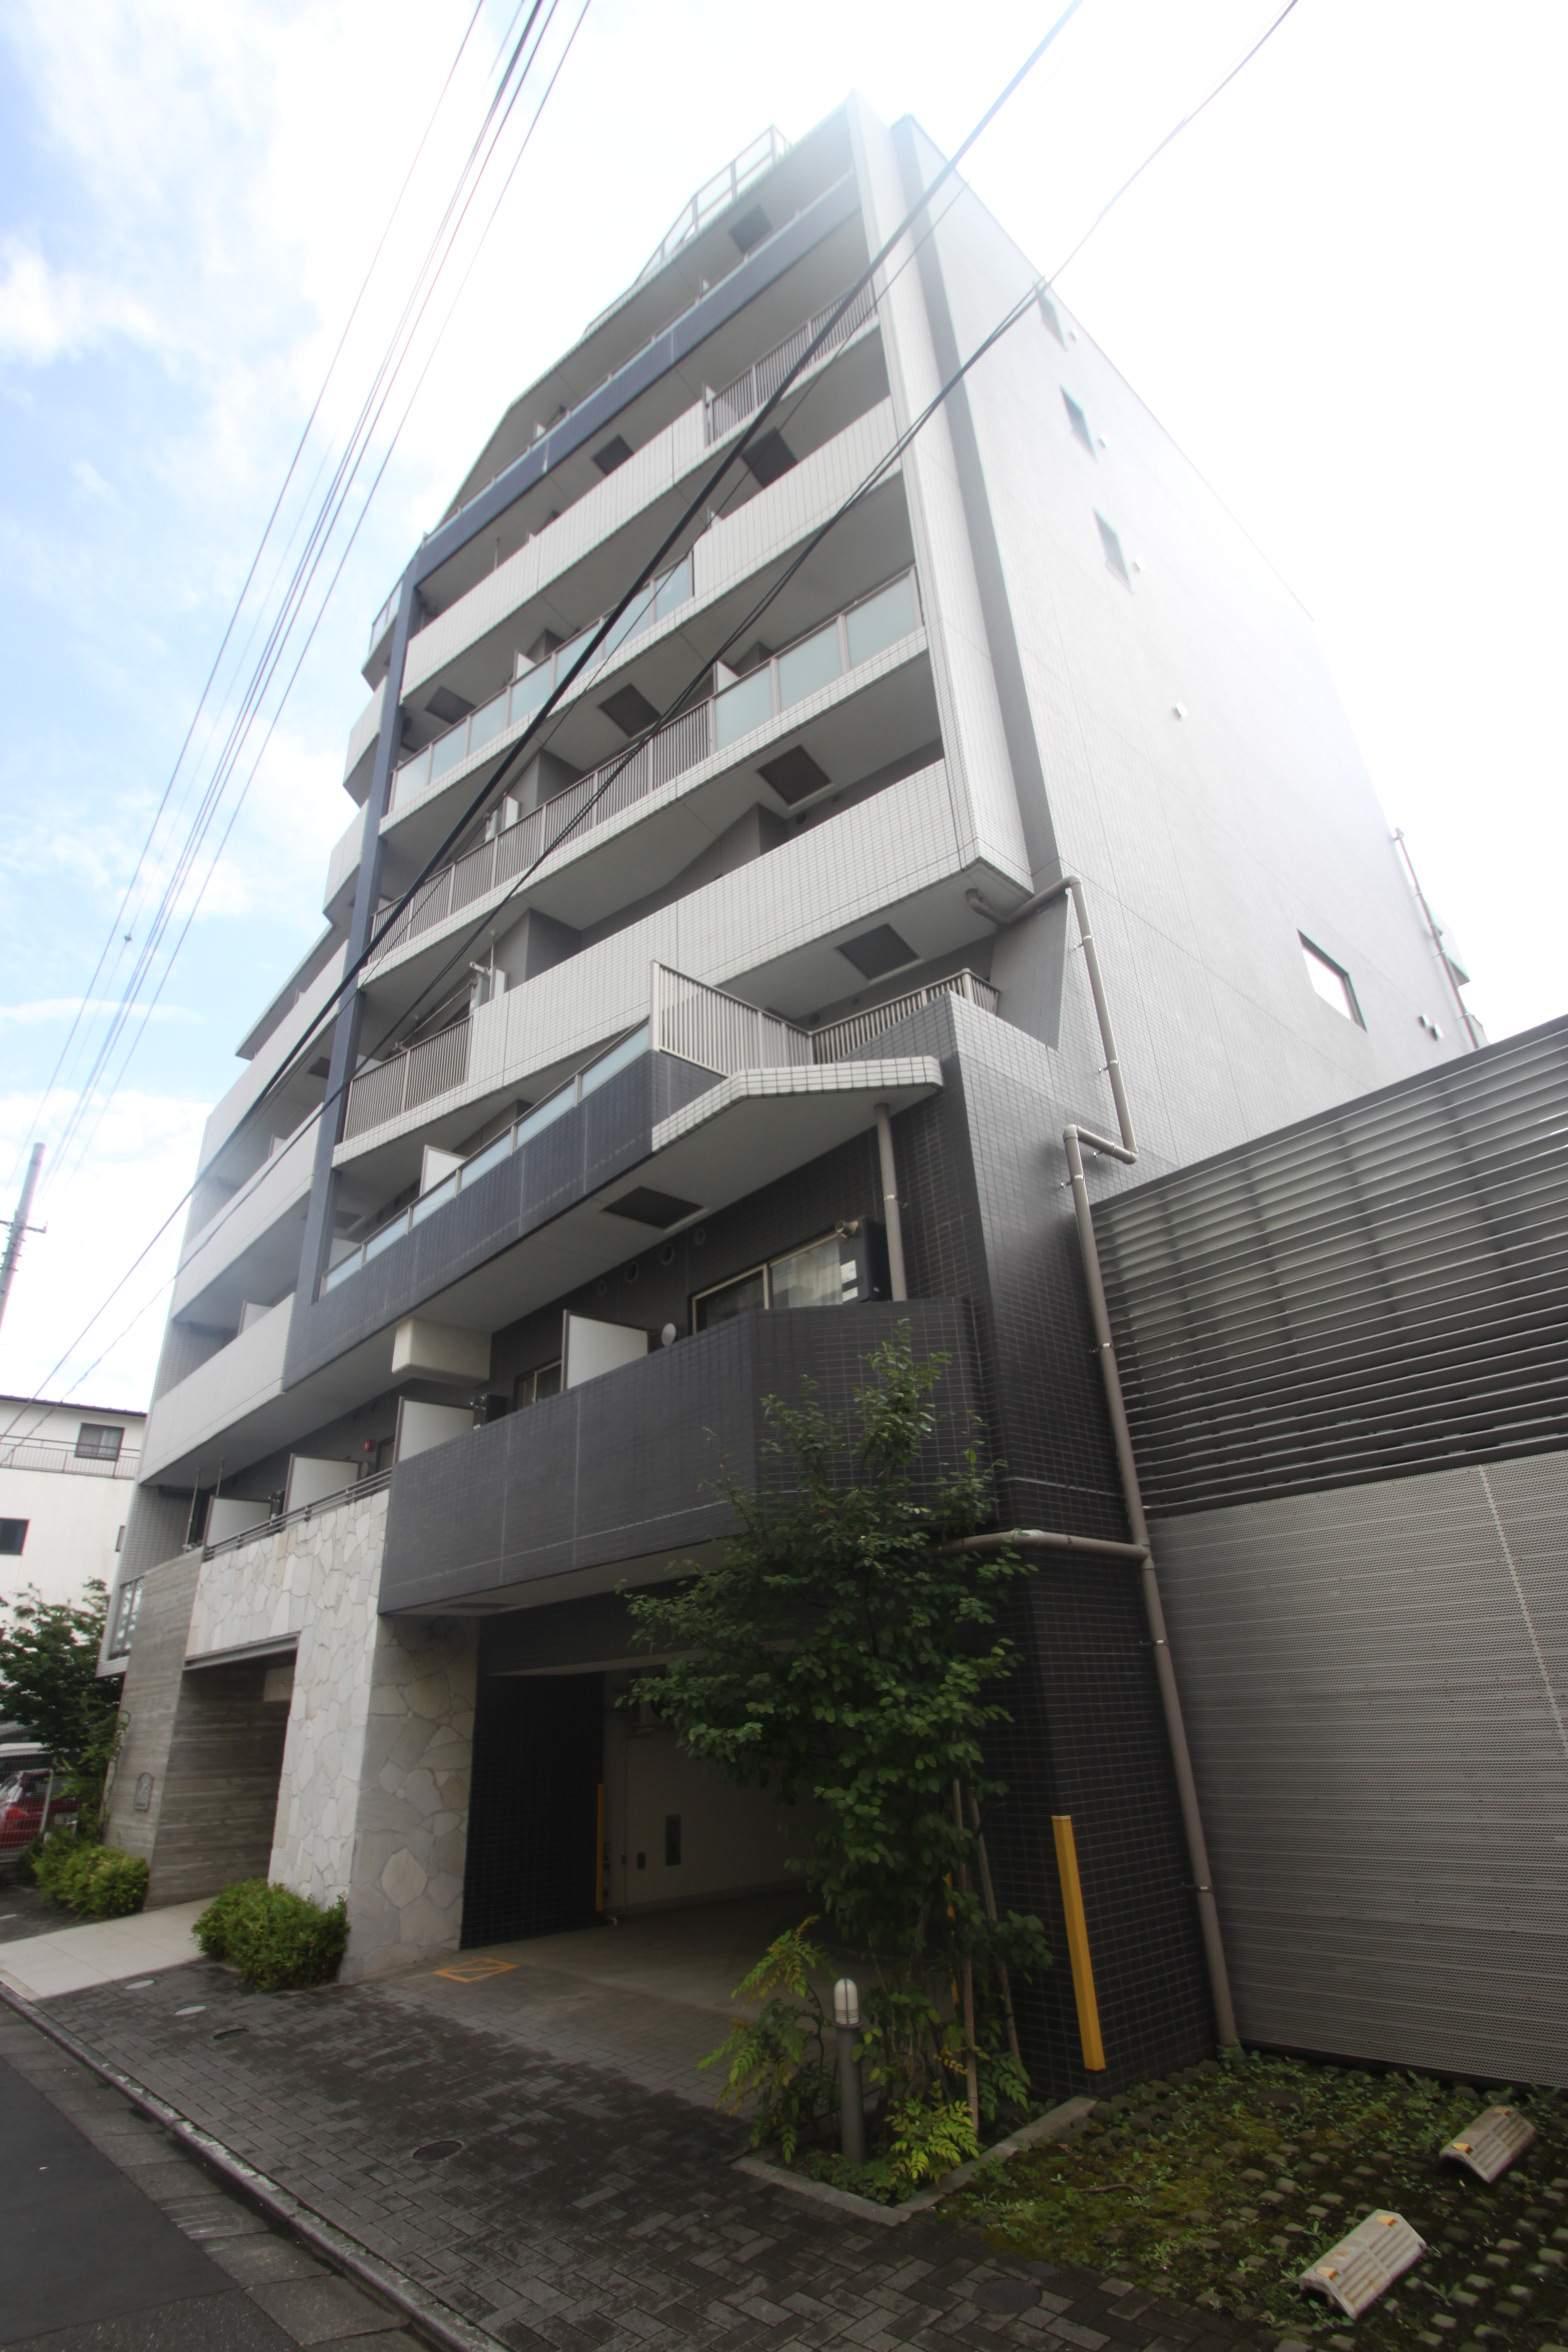 東京都江東区、越中島駅徒歩19分の築8年 9階建の賃貸マンション